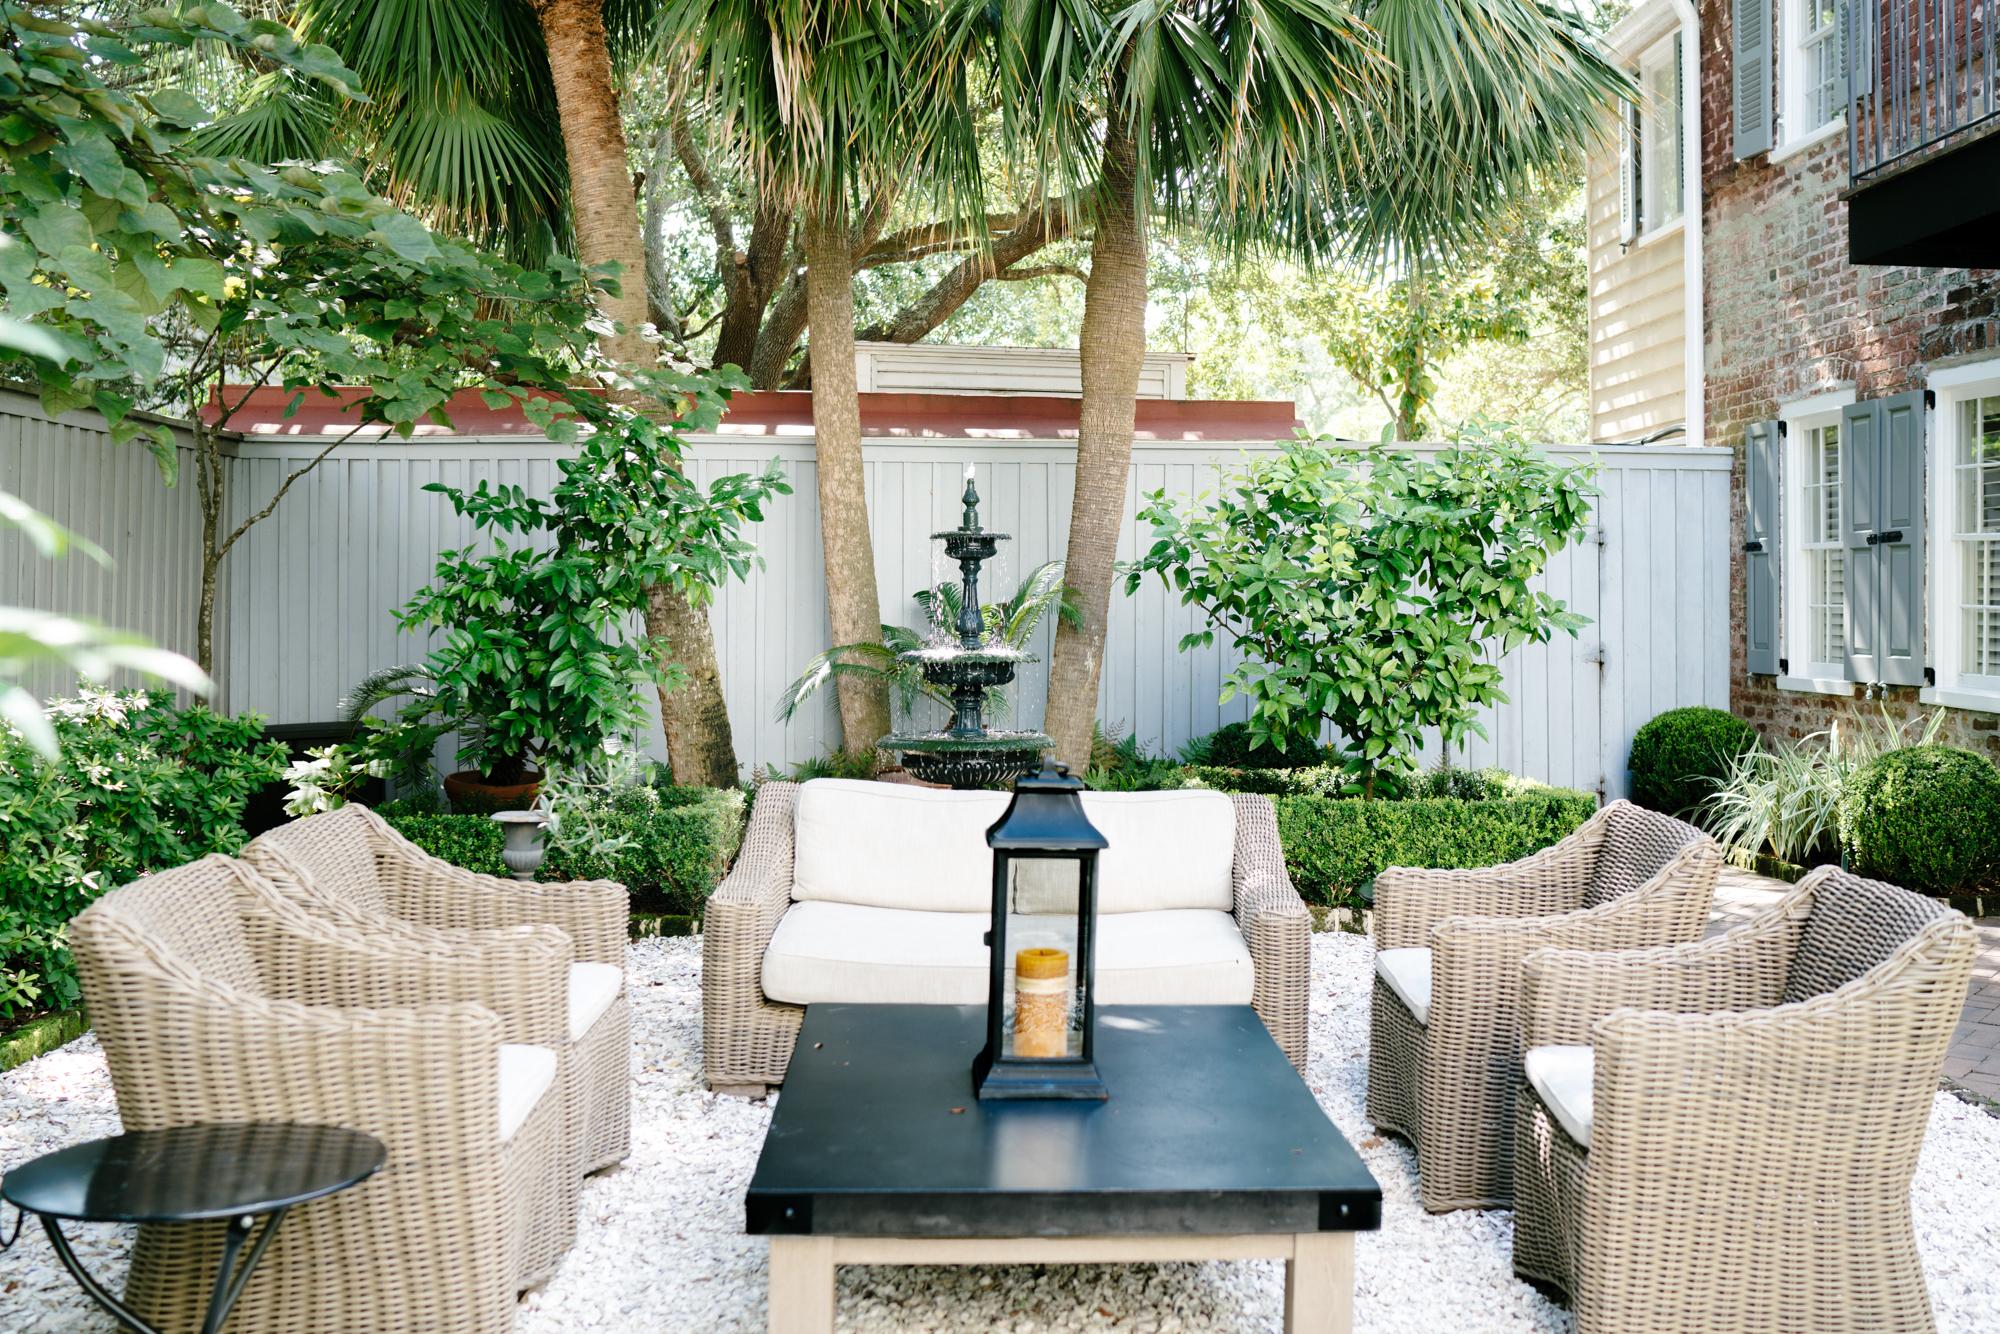 Charleston courtyard | Never Settle Travel